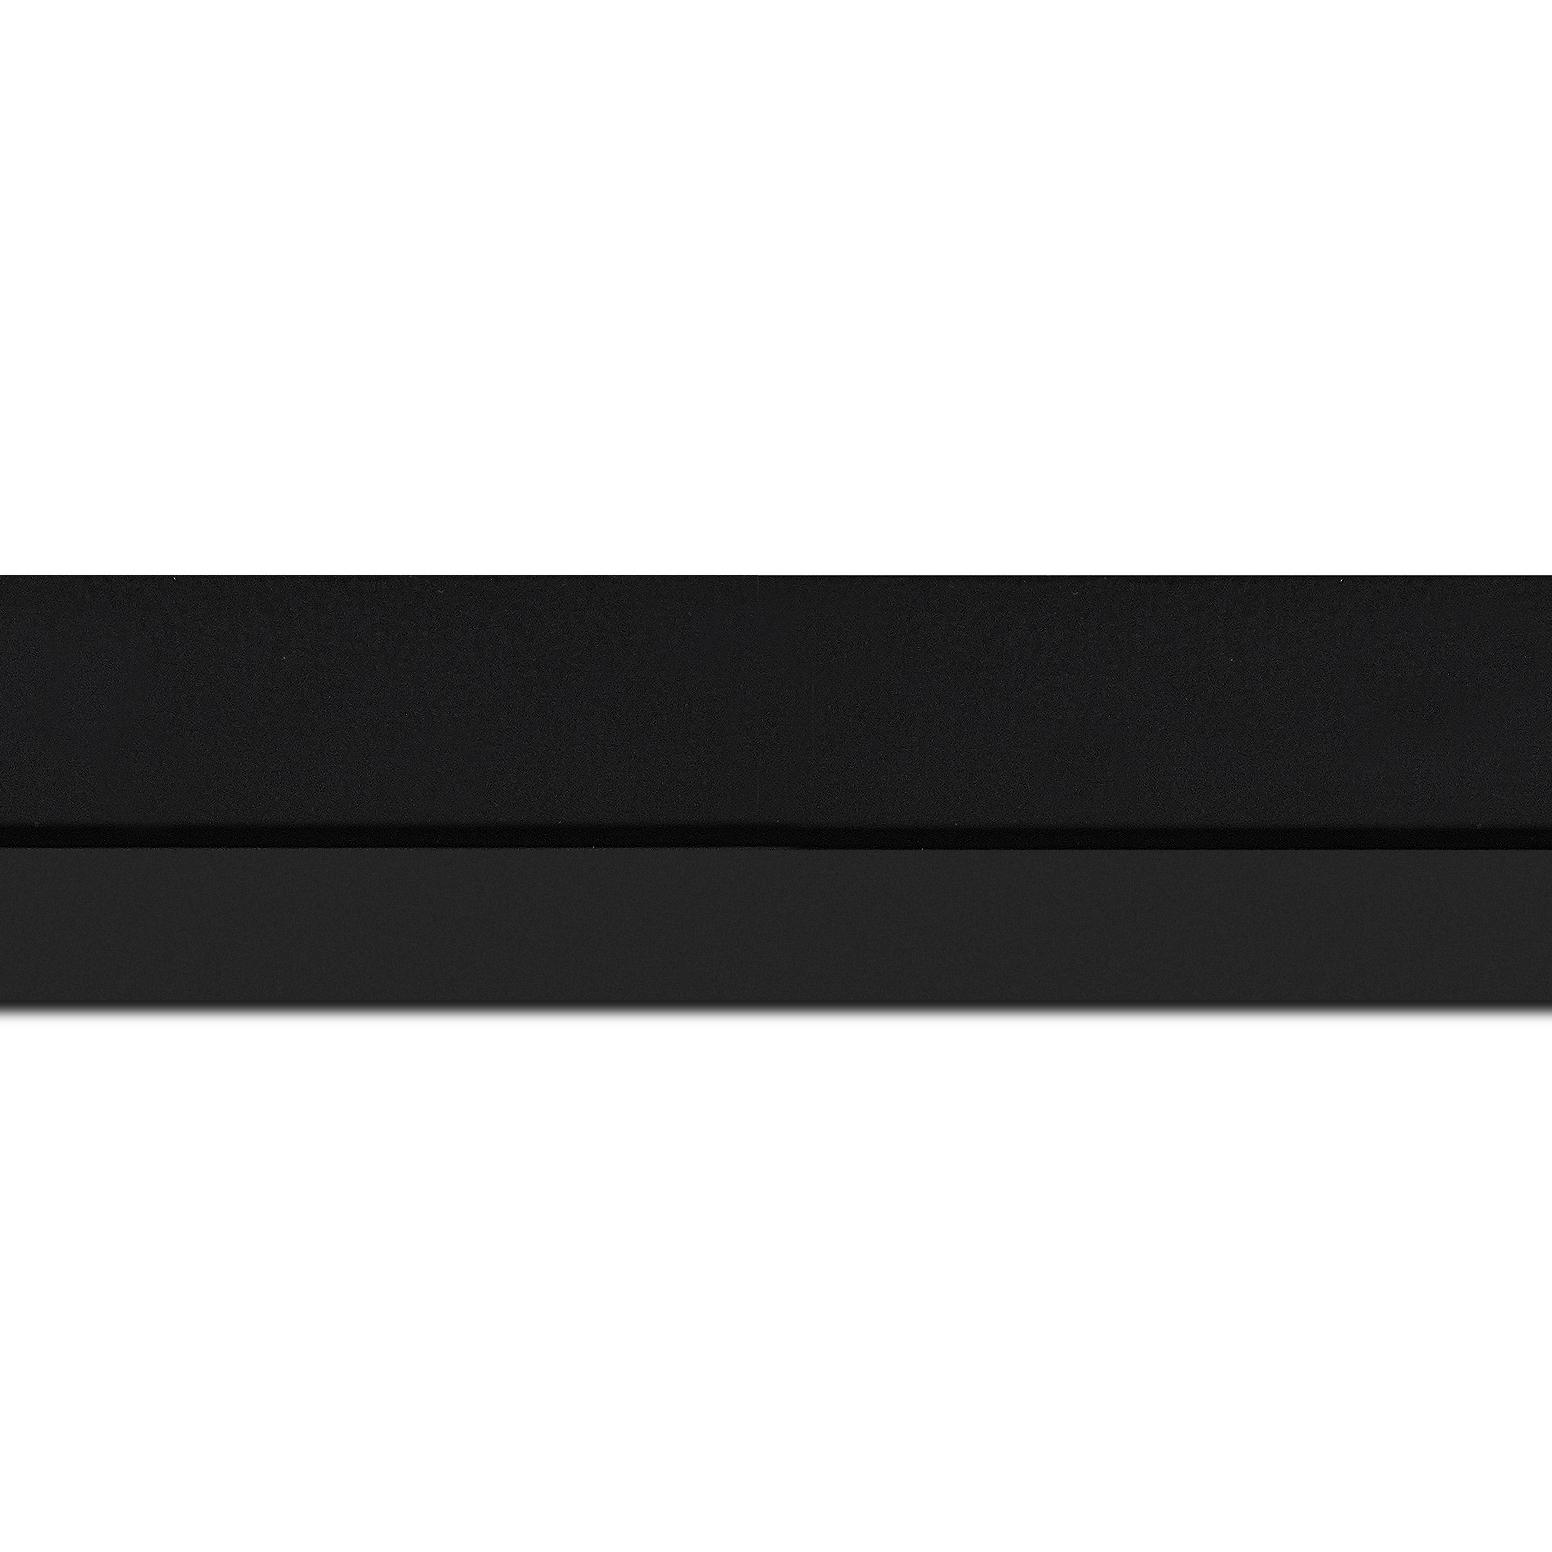 Pack par 12m, bois profil plat largeur 4.5cm couleur noir mat nez noir finition pore bouché (longueur baguette pouvant varier entre 2.40m et 3m selon arrivage des bois)